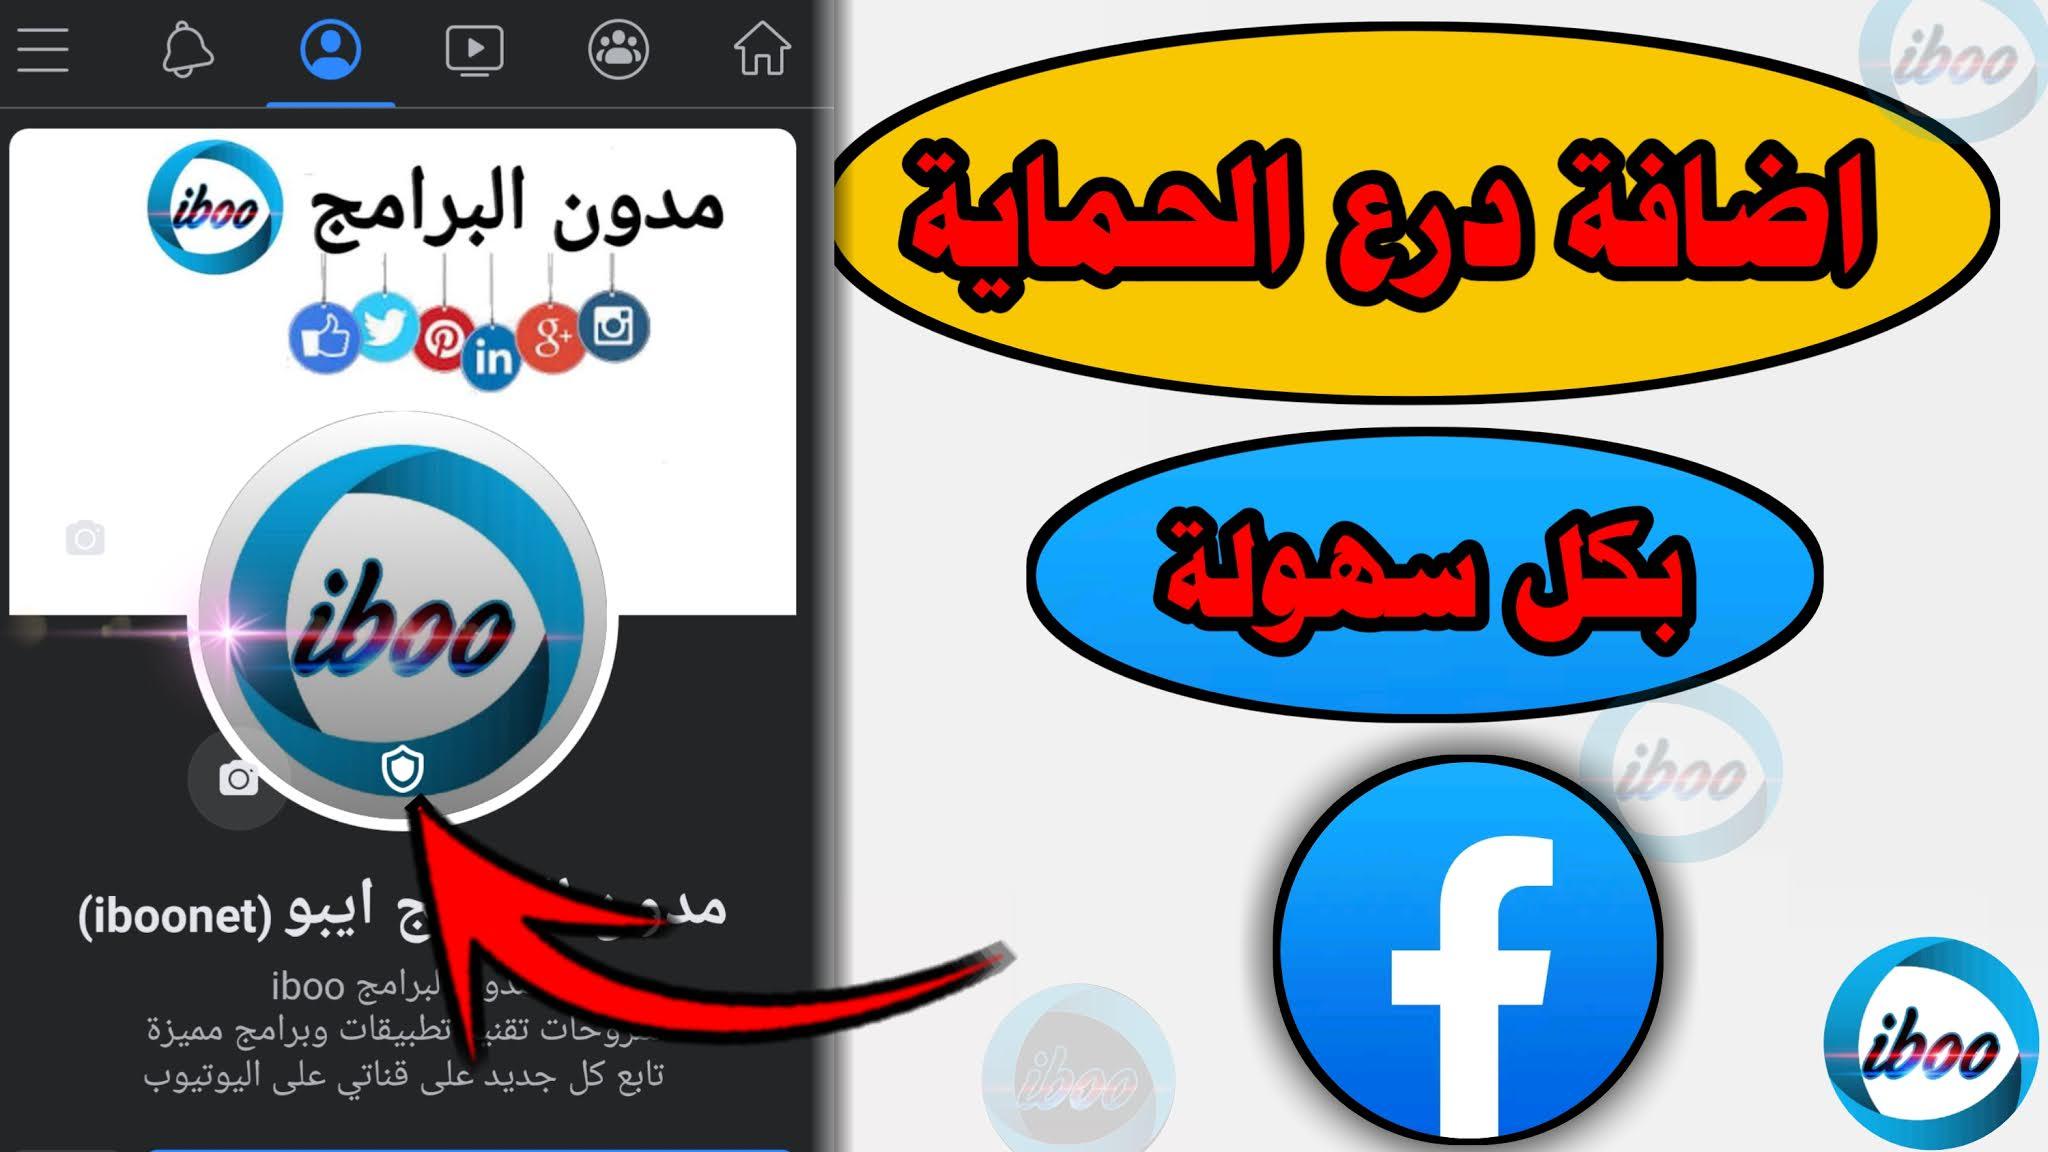 طريقة اضافة درع على صورتك الشخصية في فيسبوك 2021